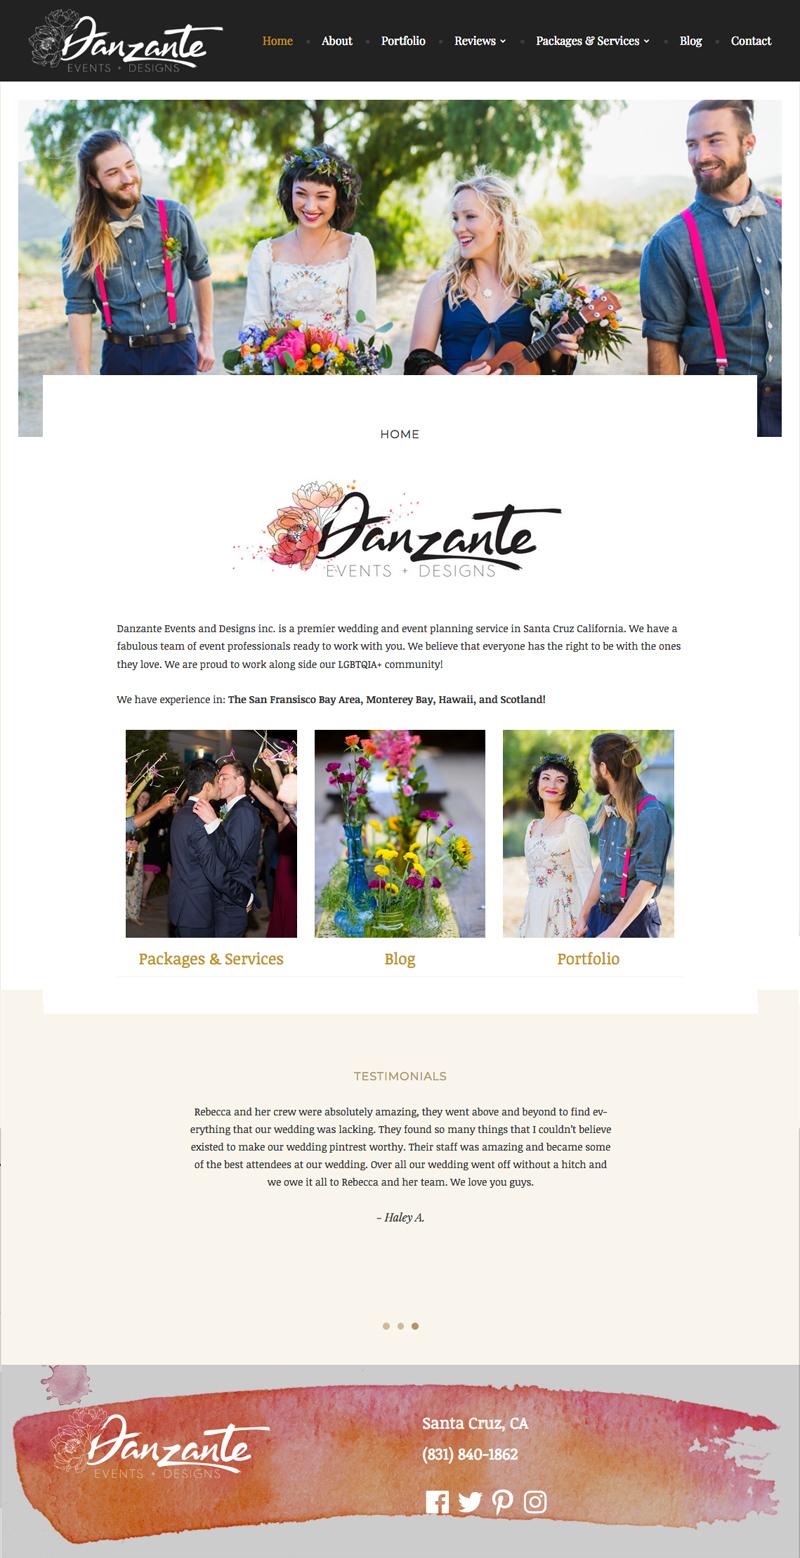 danzante_homepage